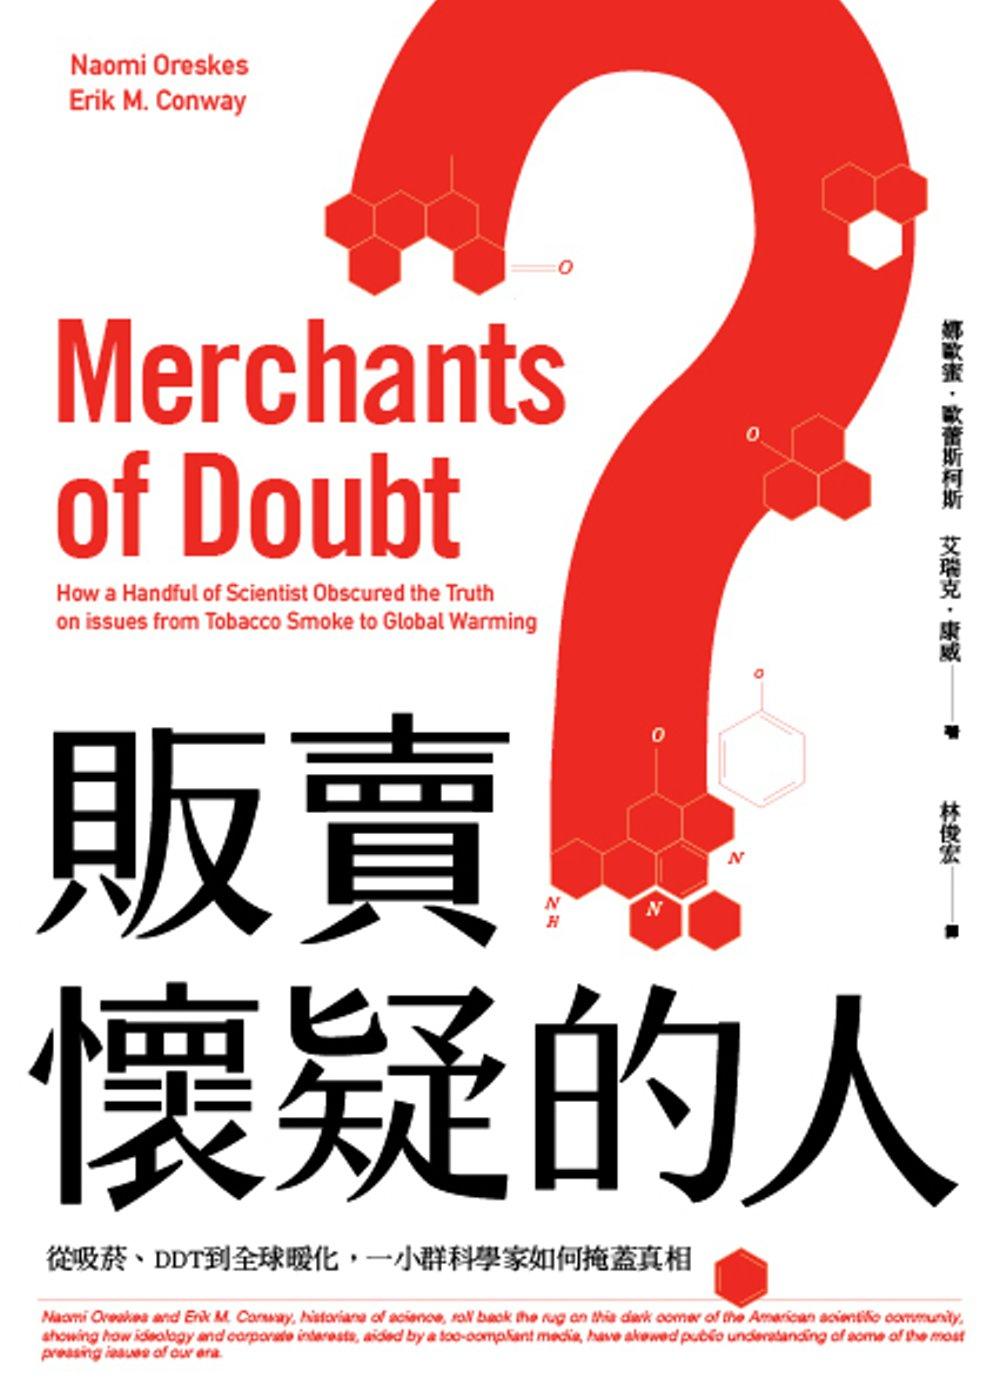 販賣懷疑的人:從吸菸、DDT到 暖化,一小群科學家如何掩蓋真相